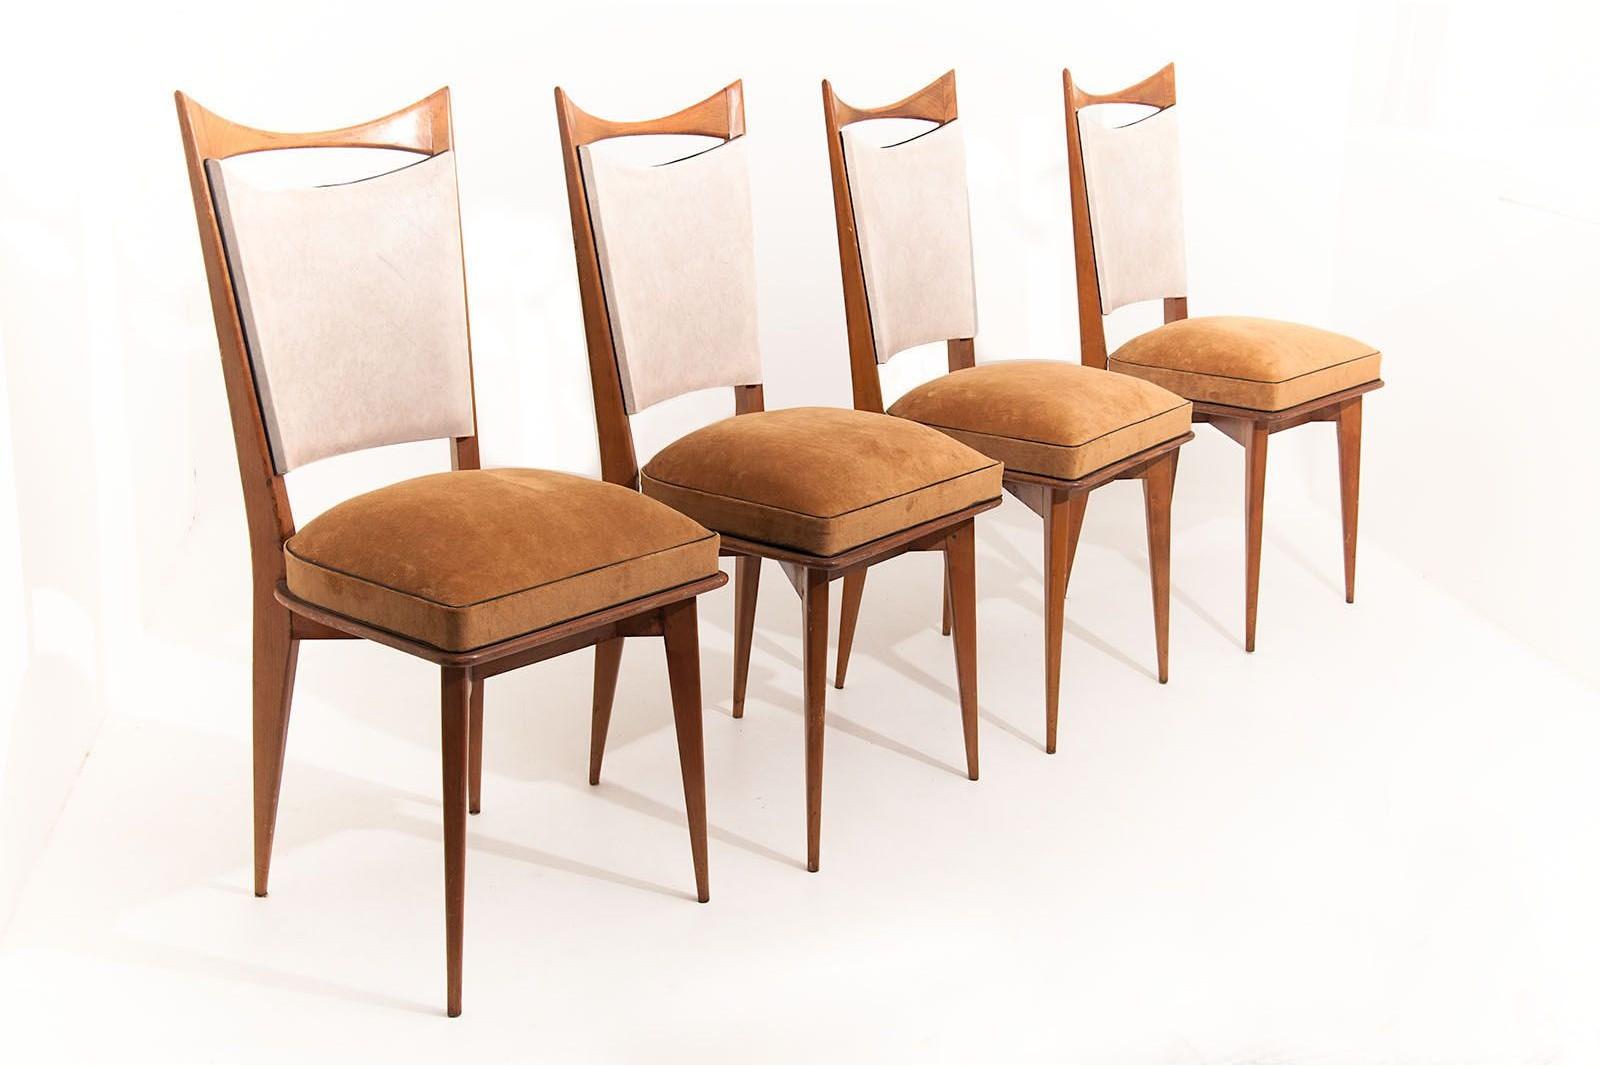 lot de 4 chaises italiennes vintage 1950 dans le style de ico parisi